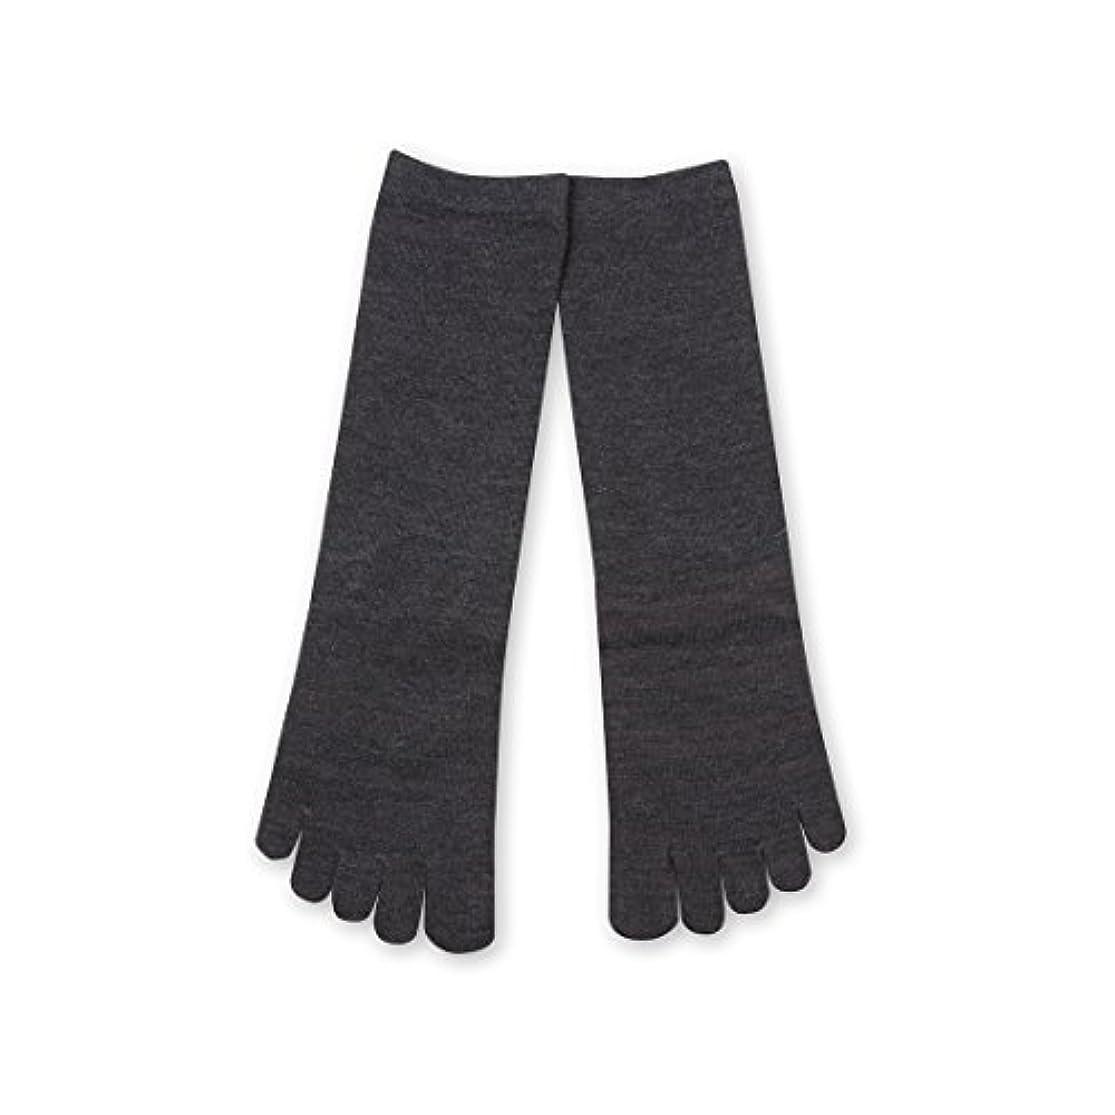 インシデント入るネックレスDeol(デオル) 5本指 ソックス 女性用 靴下 23~25cm グレー